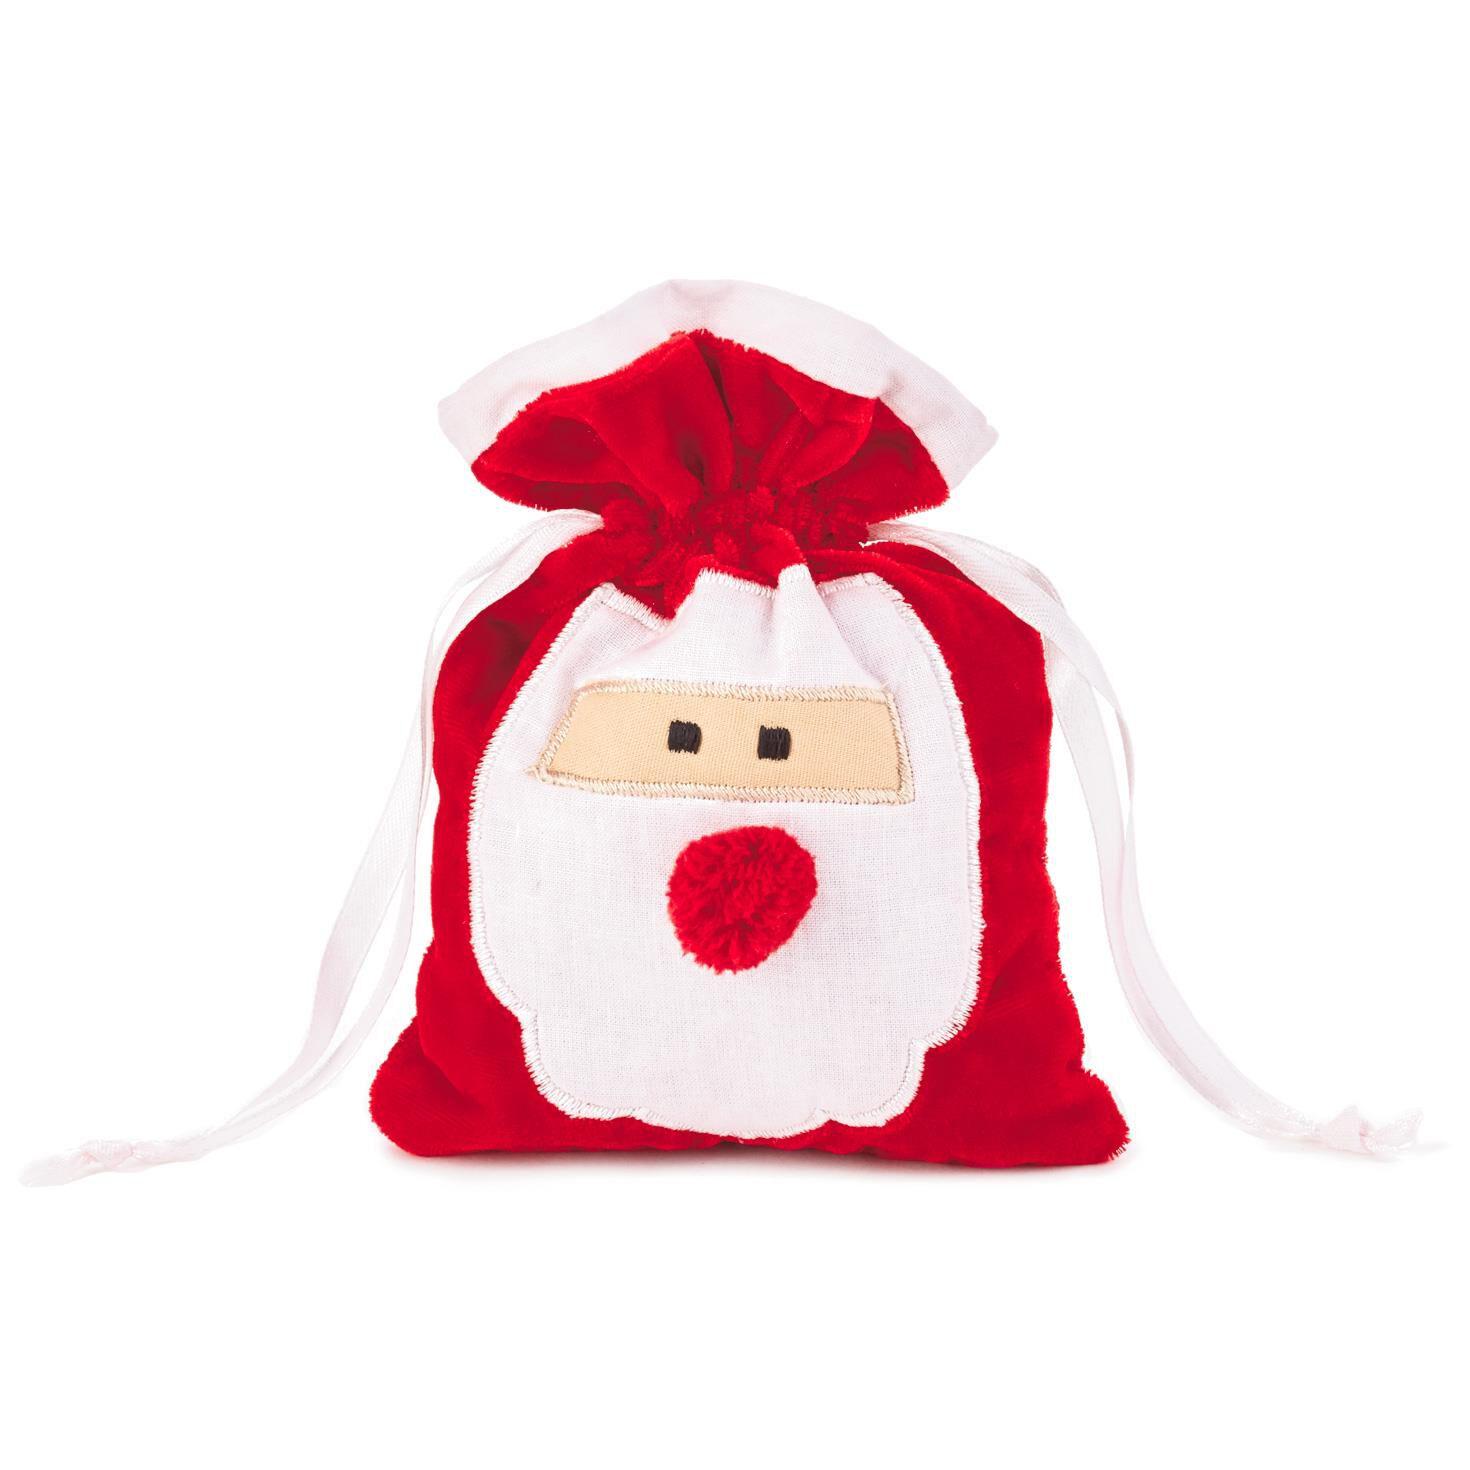 Kids Christmas Gift Wrap Collection - Gift Bags - Hallmark